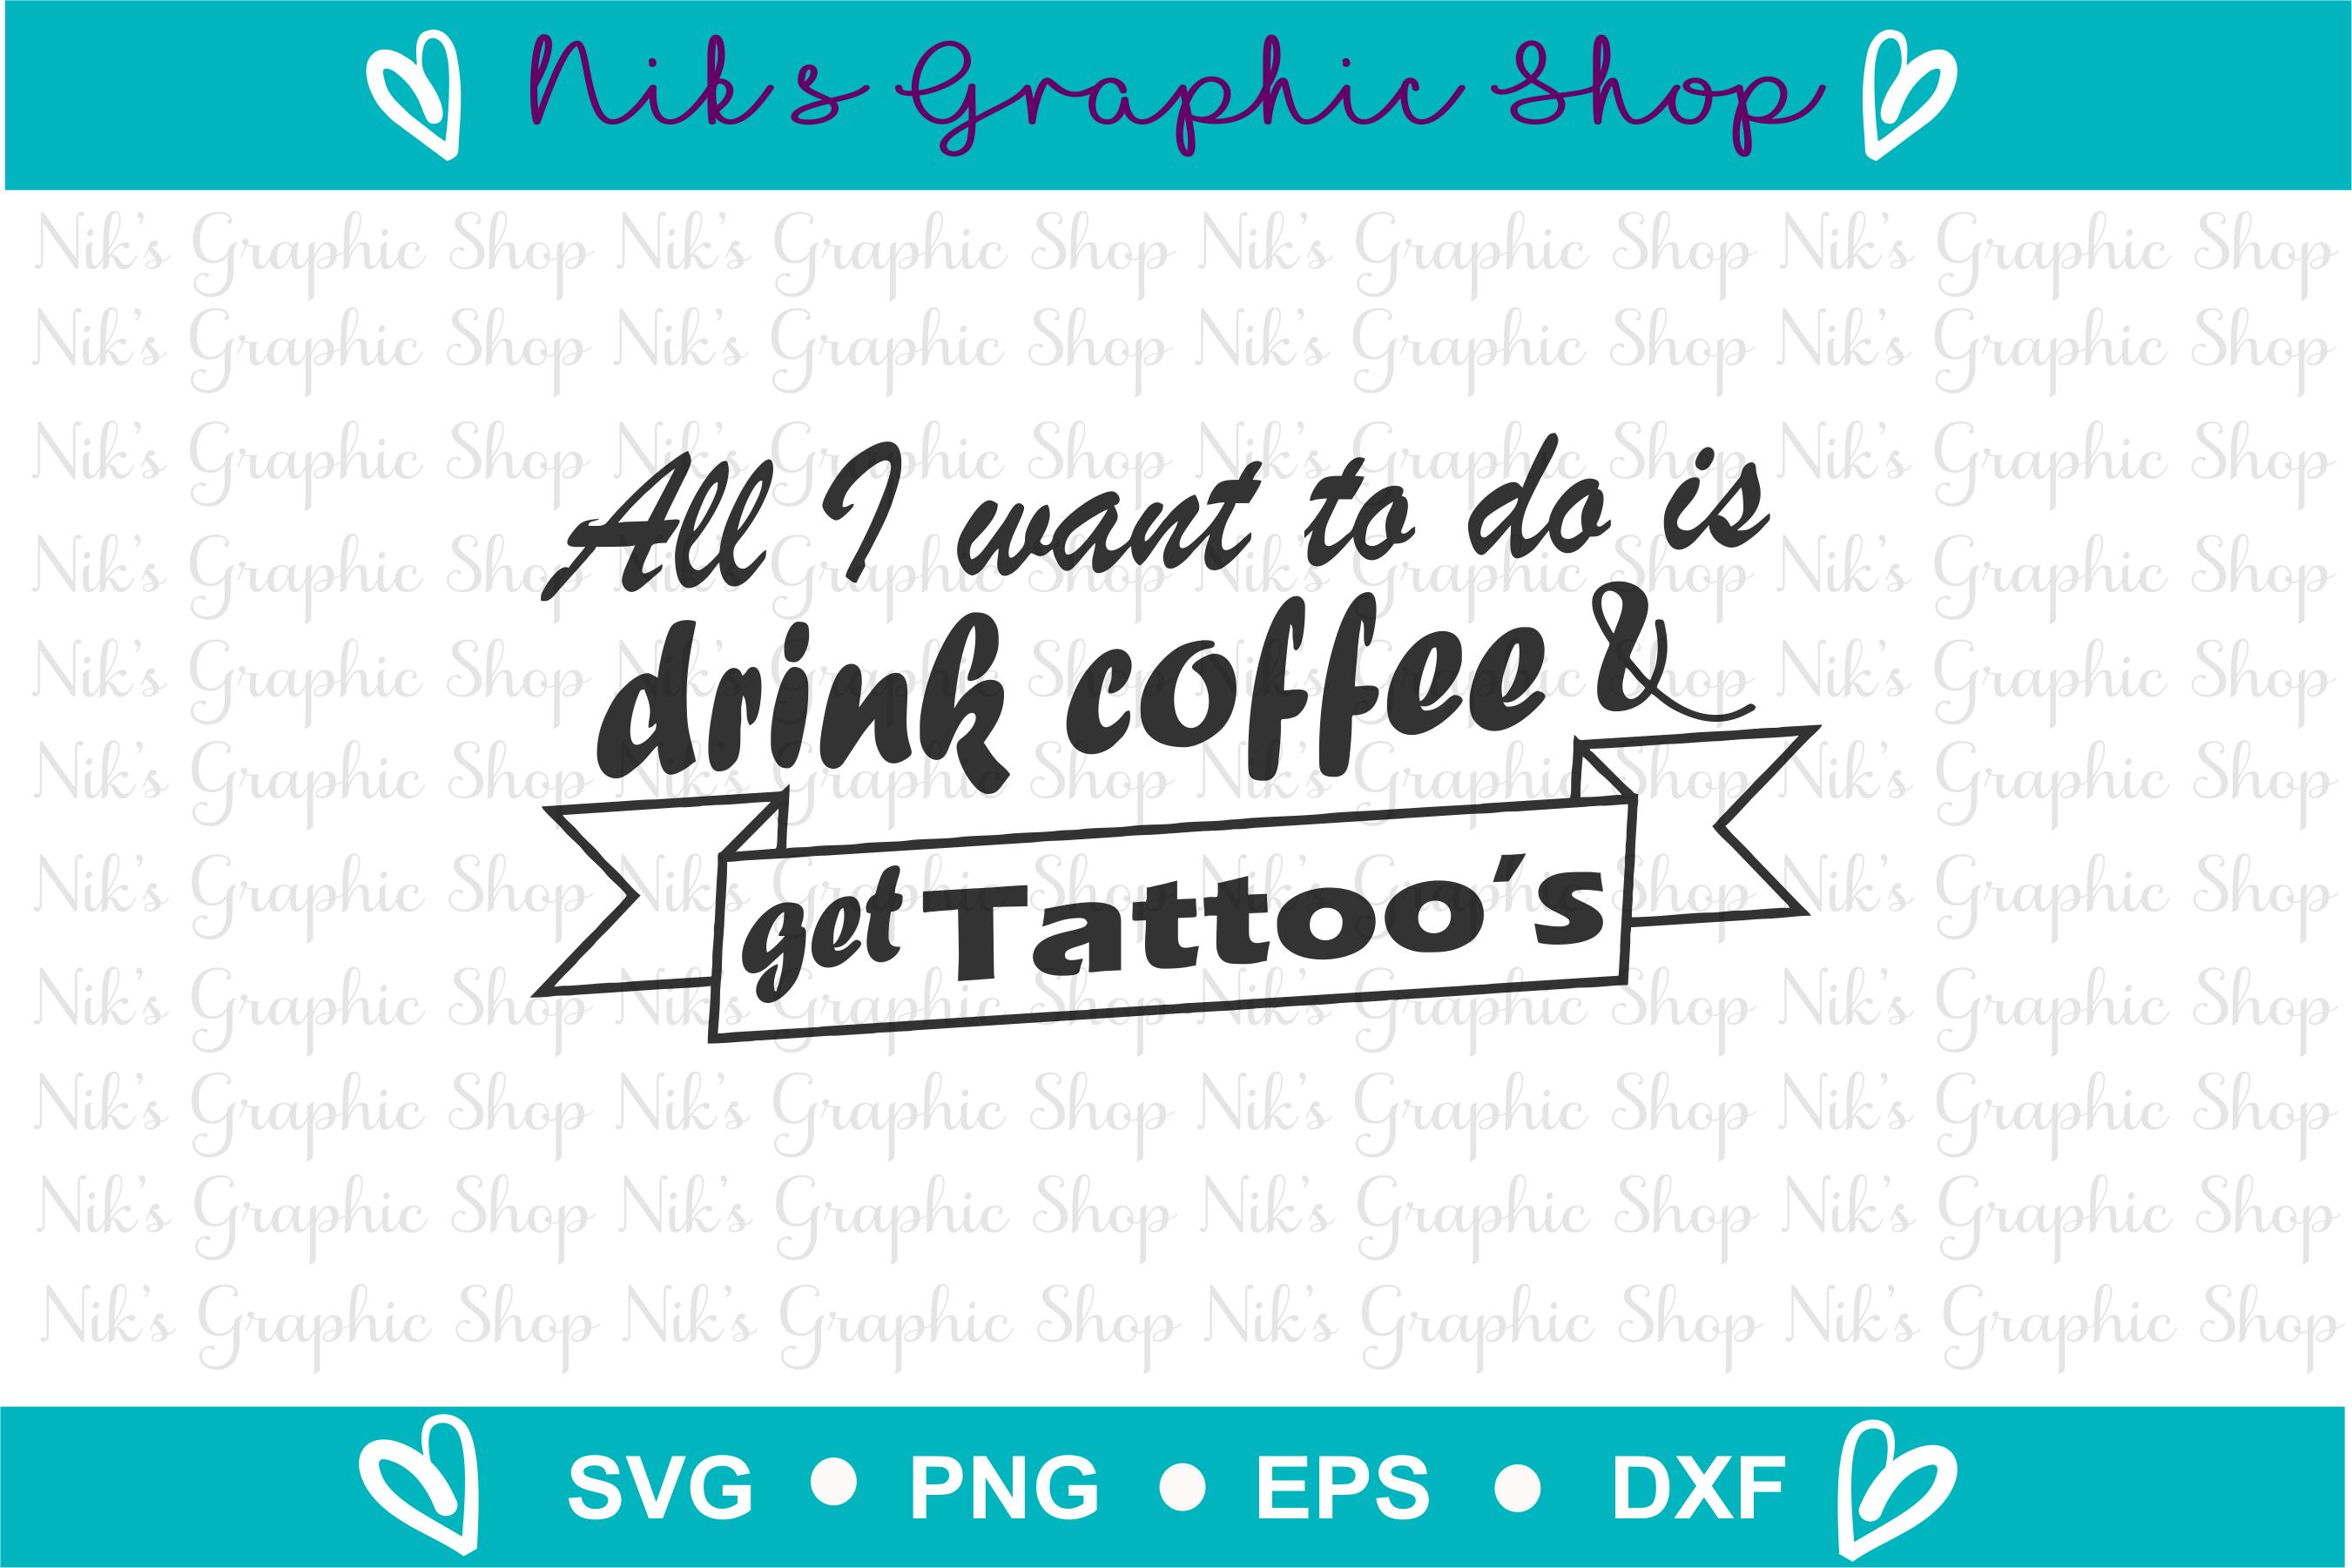 Tattoo Svg, Tattoo Gun, Tattoo Girls, Ink Svg, Tattoo Svg example image 3